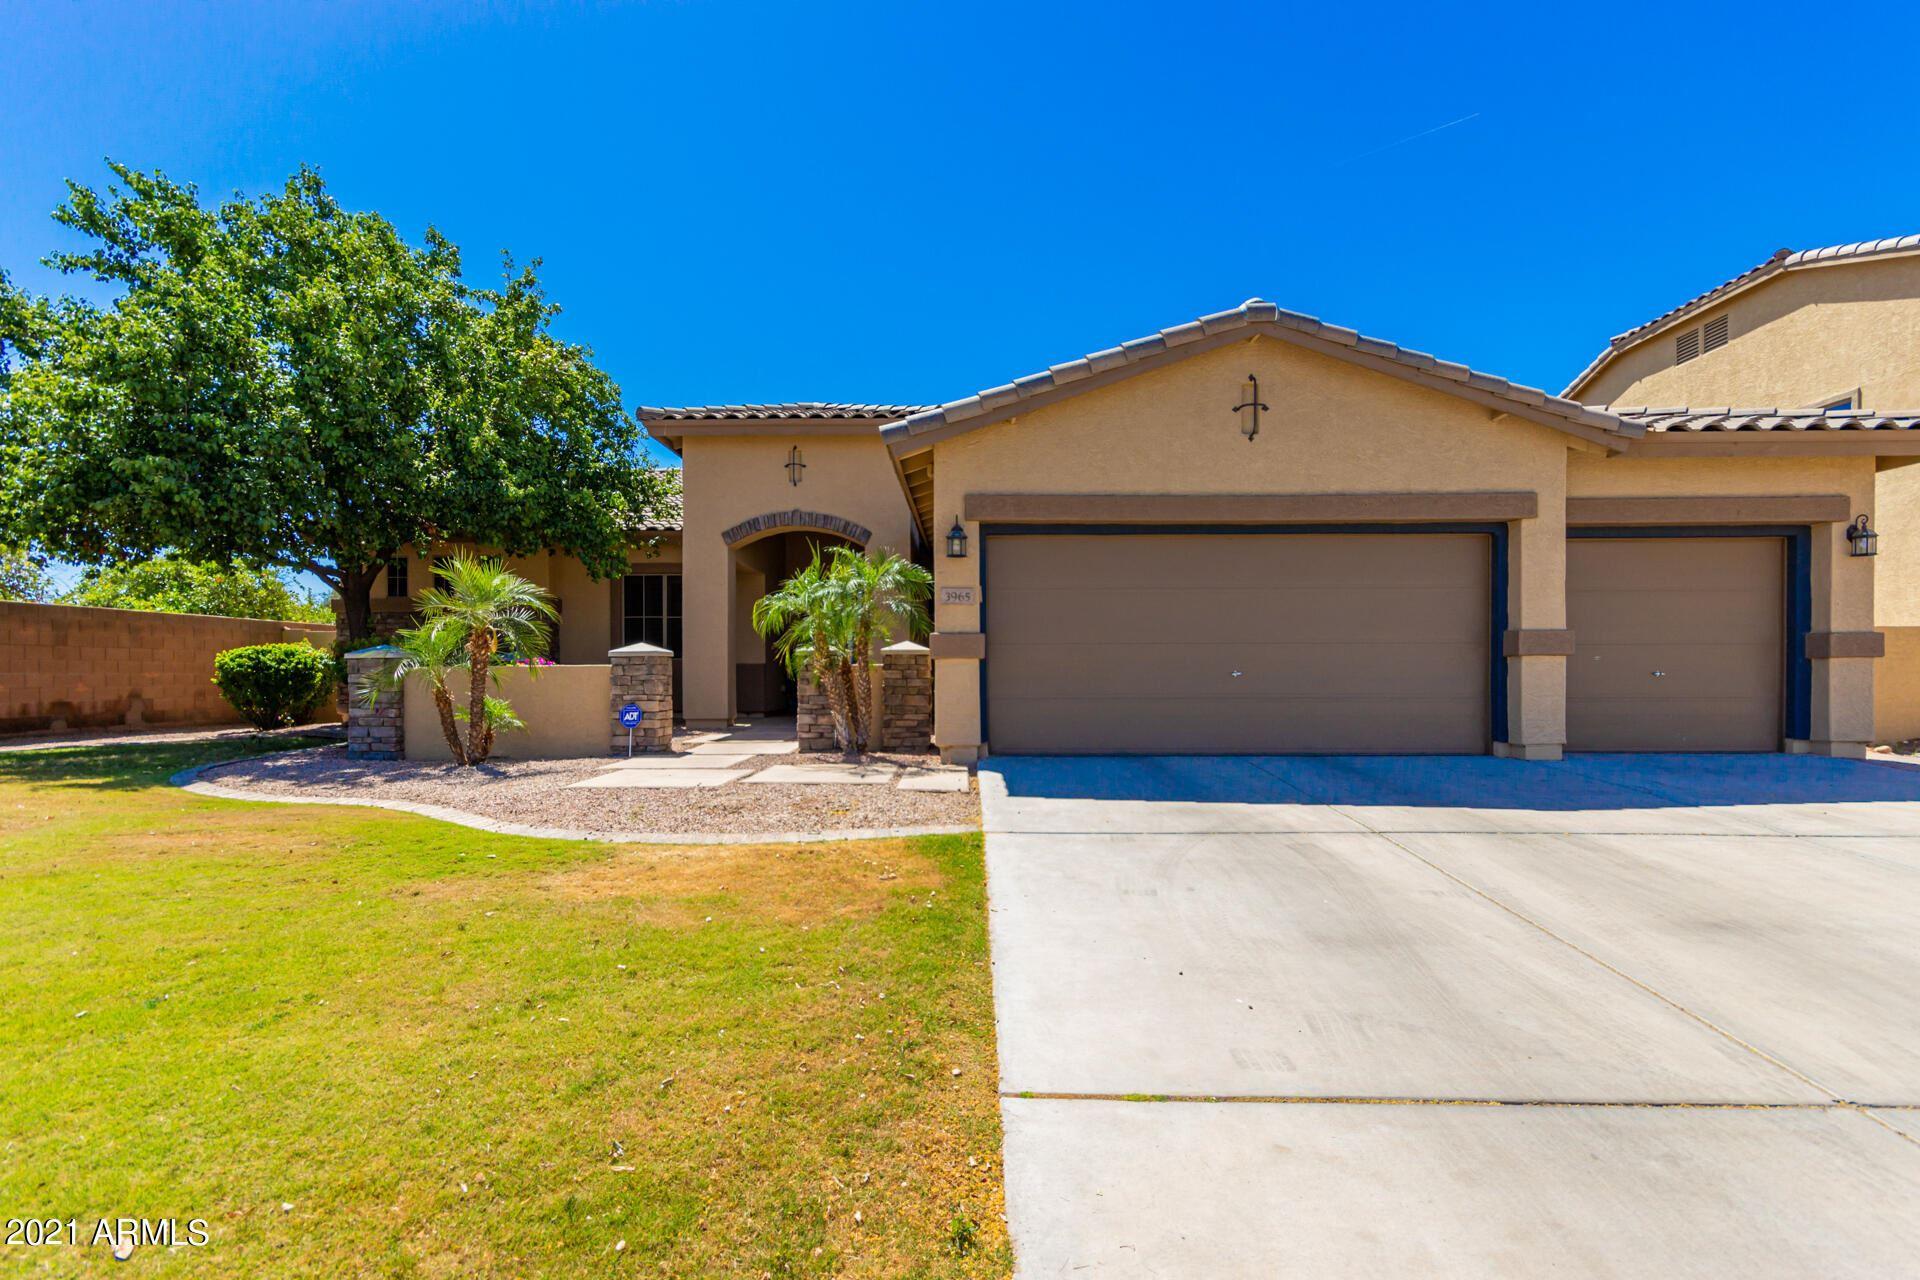 3965 E RAVENSWOOD Drive, Gilbert, AZ 85298 - MLS#: 6232762